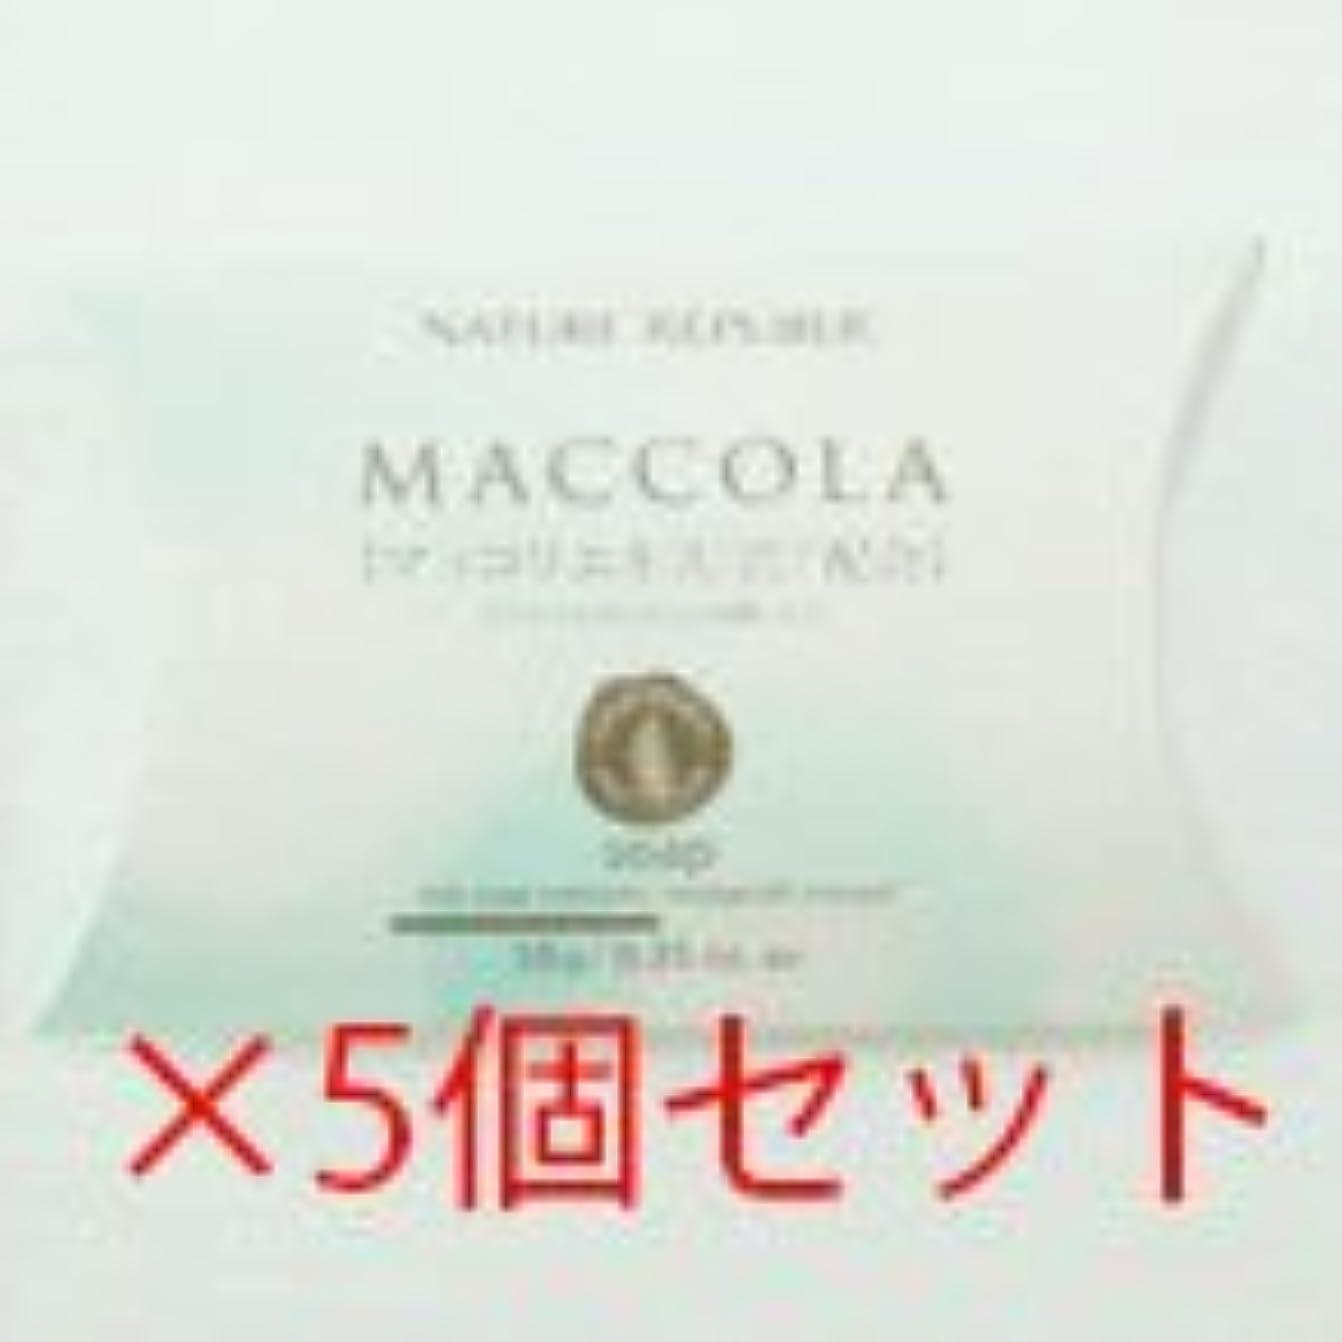 セレナアーサーコナンドイルいつでもネイチャーリパブリック NATURE REPUBLIC (正規品) ネイチャーリパブリック マッコラ ソープ 10g×5